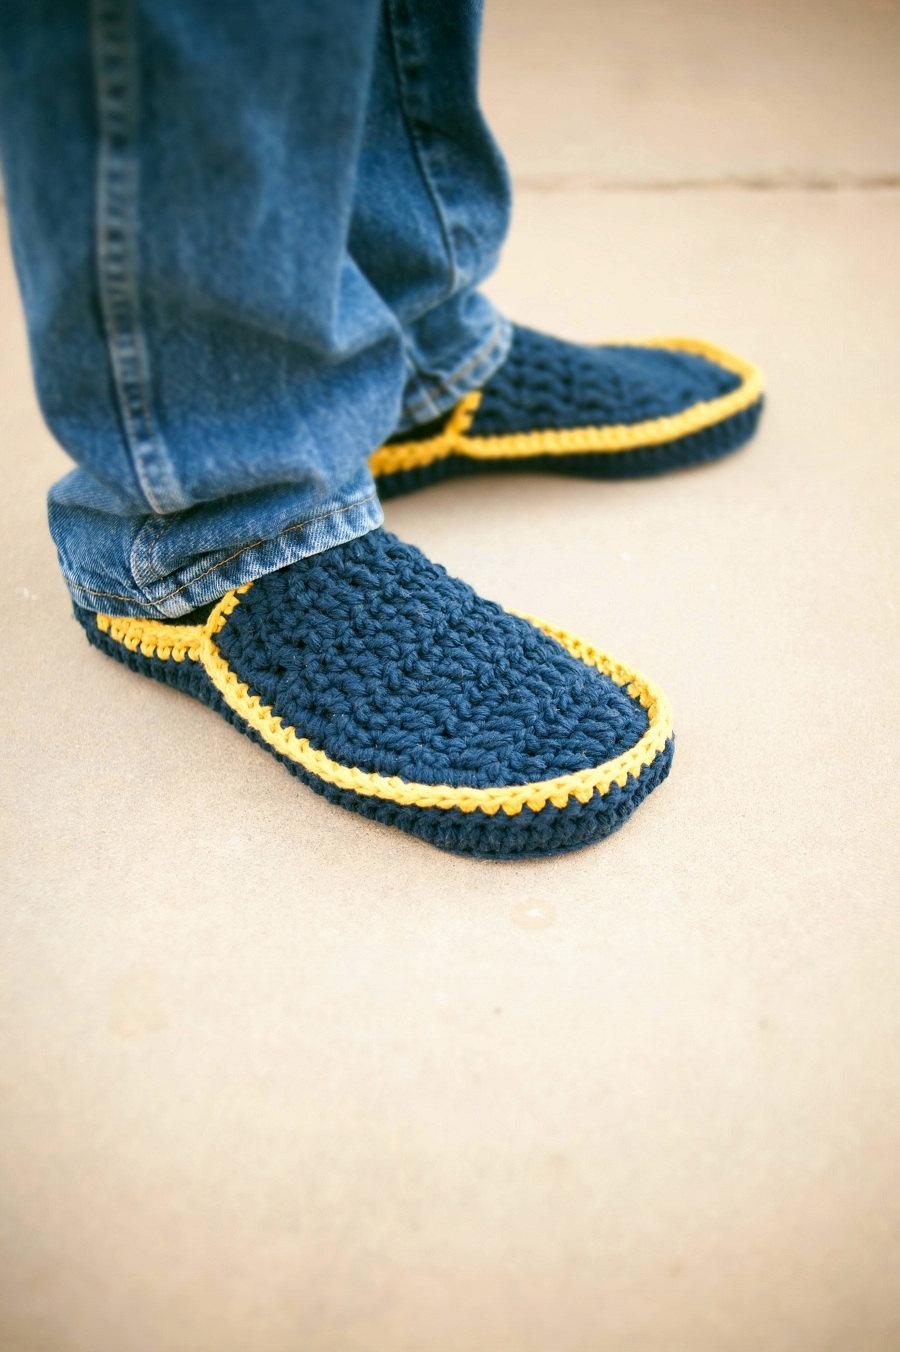 Crochet slippers for men  httplometscom